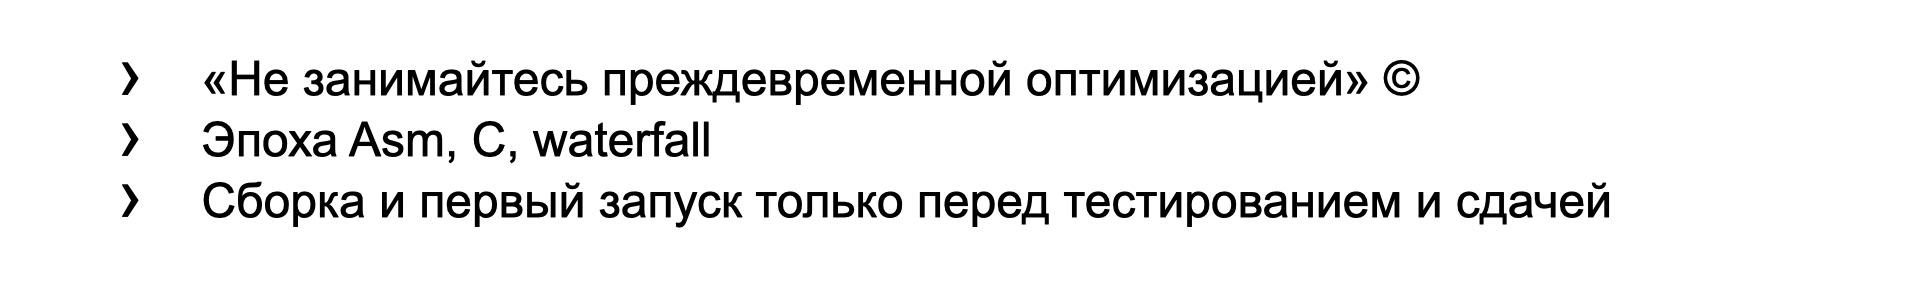 Код на React и TypeScript, который работает быстро. Доклад Яндекса